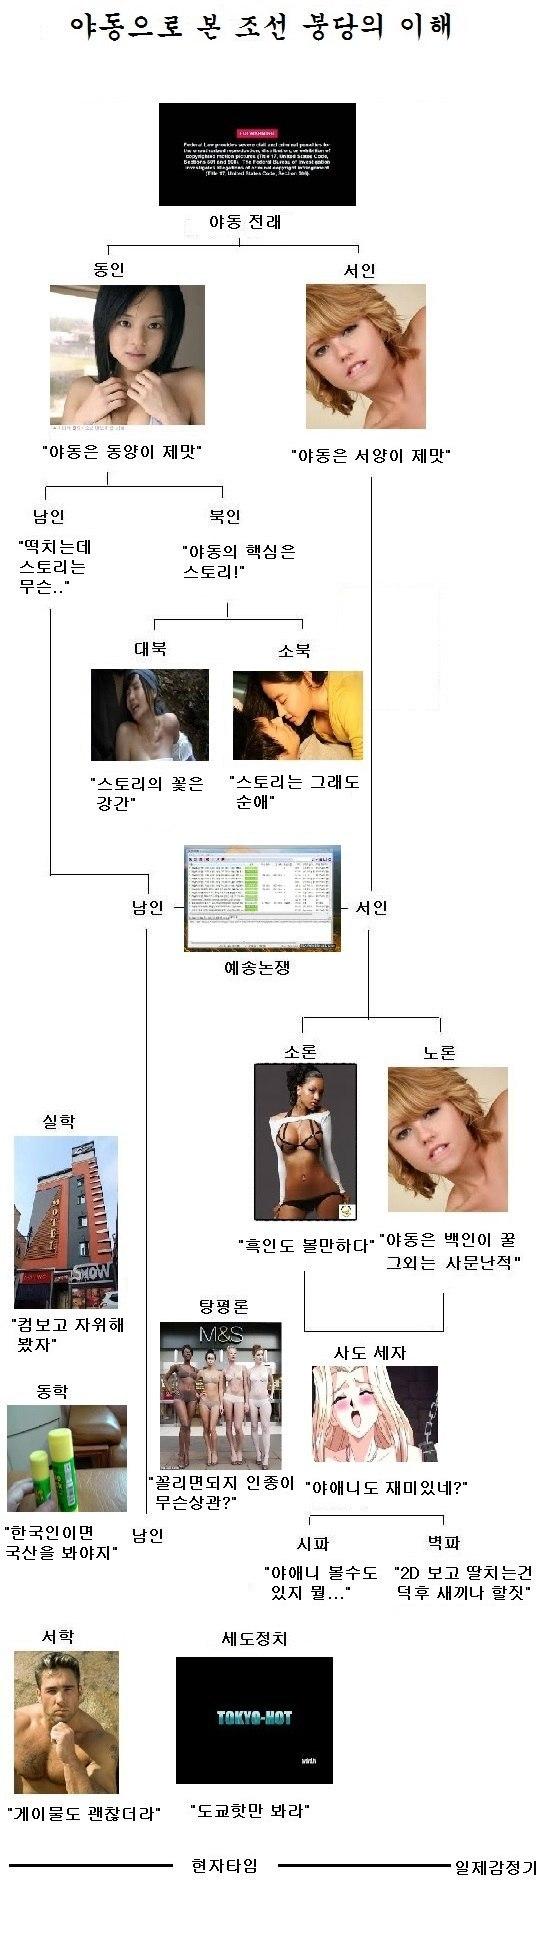 야동으로 보는 조선 붕당정치의 이해